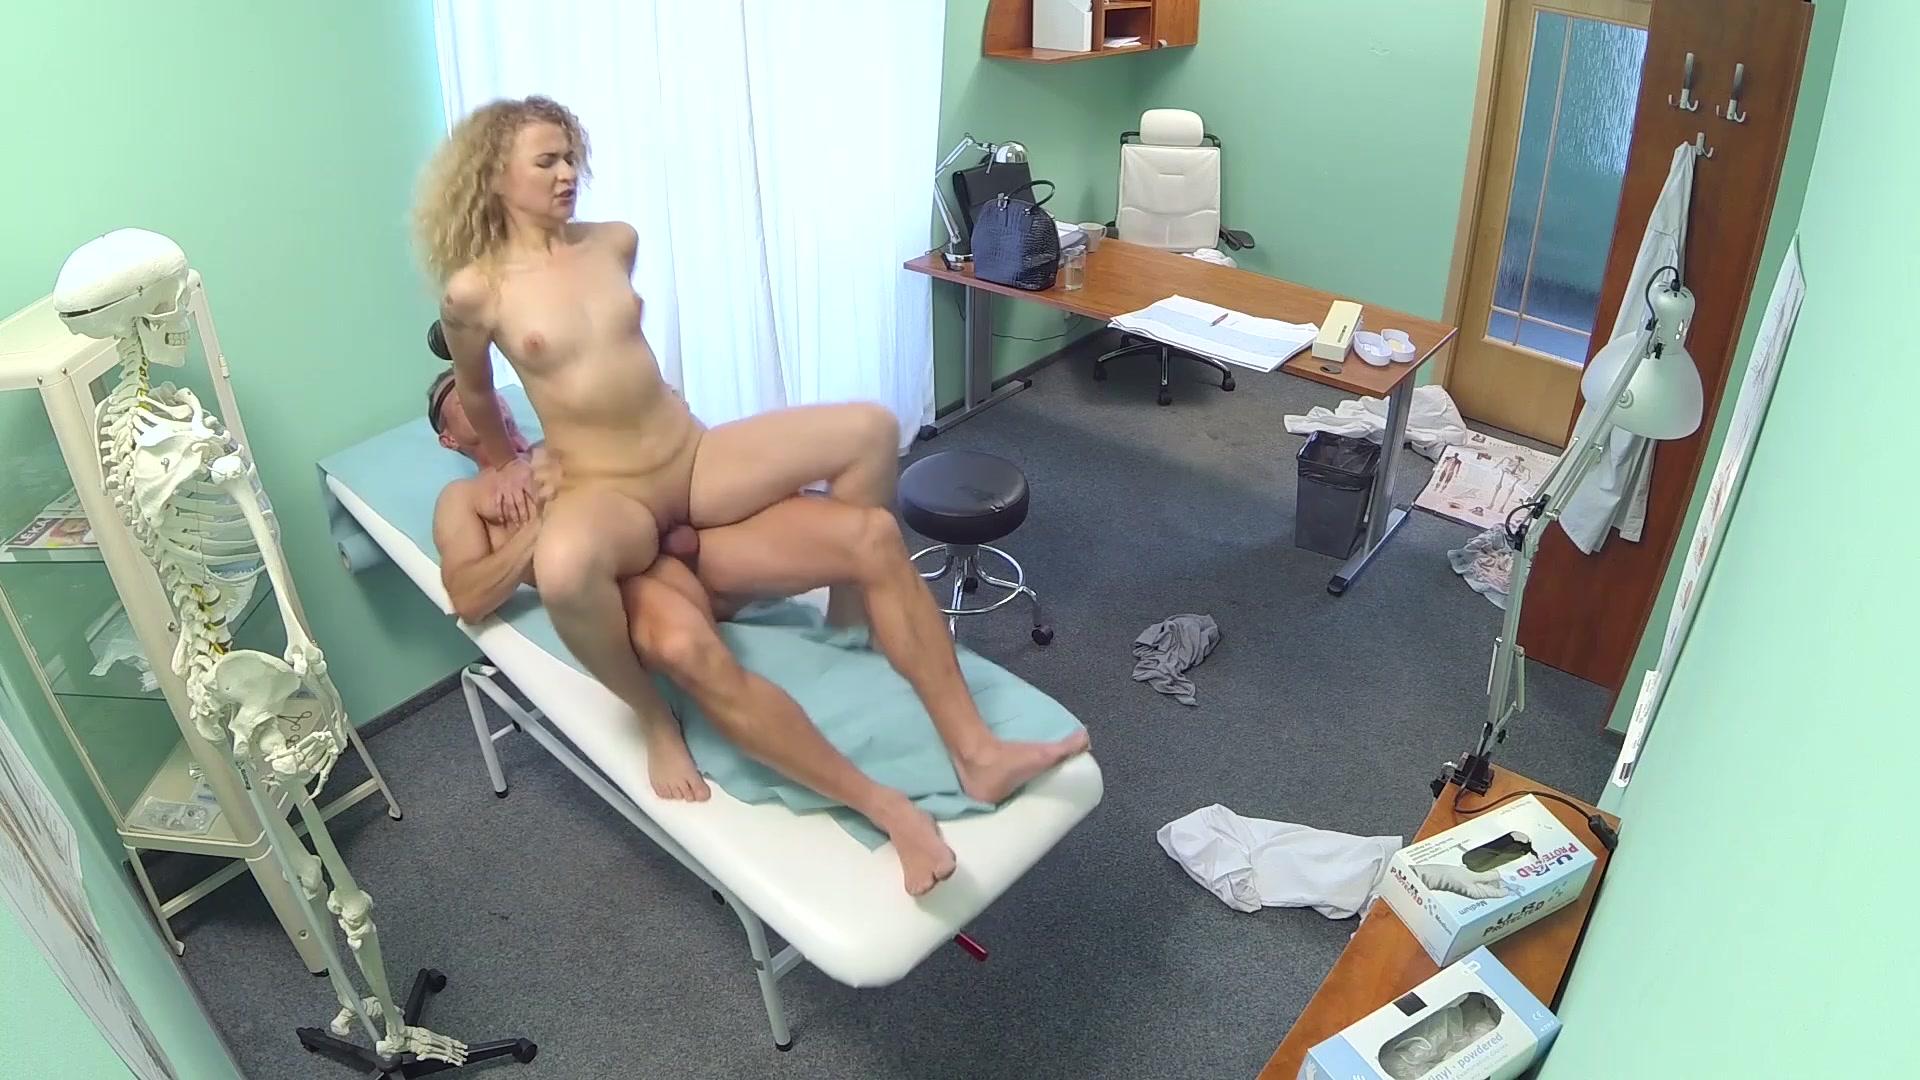 Смотреть fake hospital порно, FakeHospital. Смотреть порно бесплатно от SexoPedia! 15 фотография